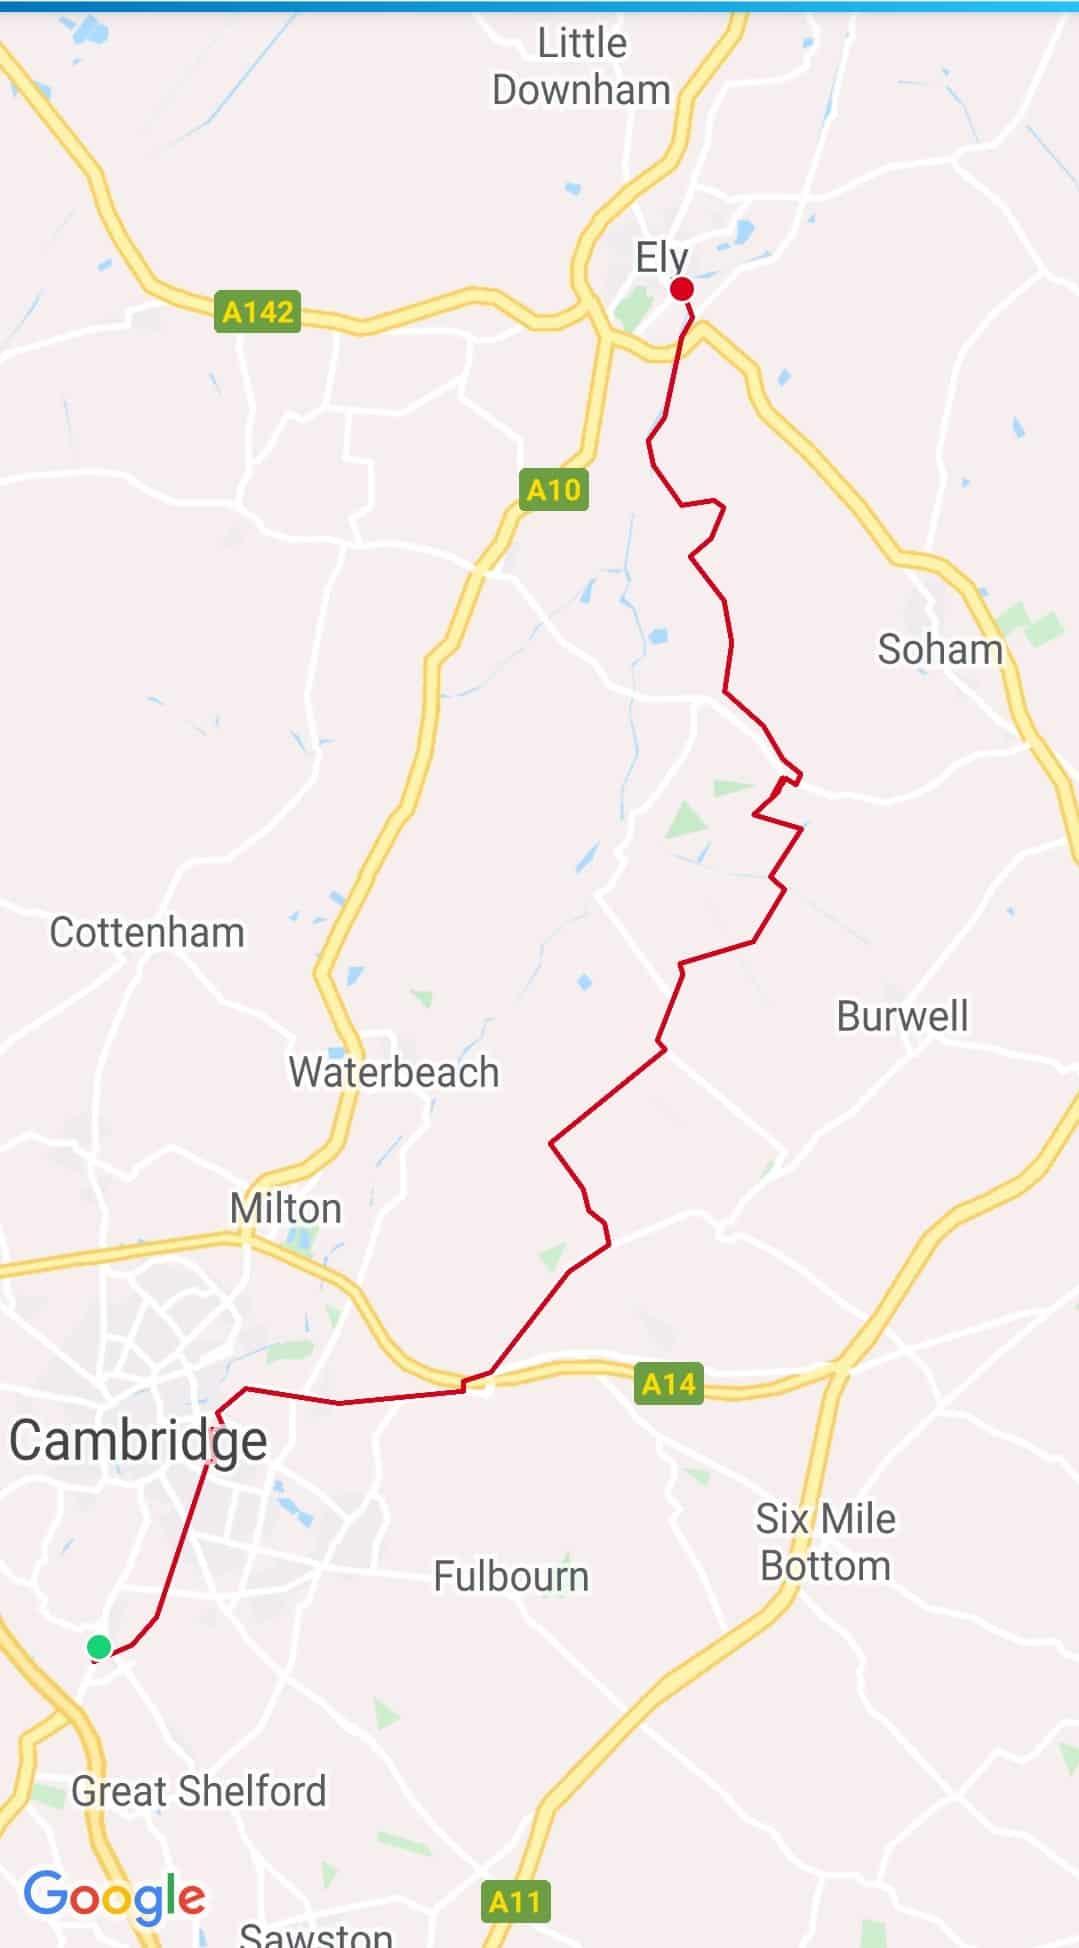 Cambridge - Ely